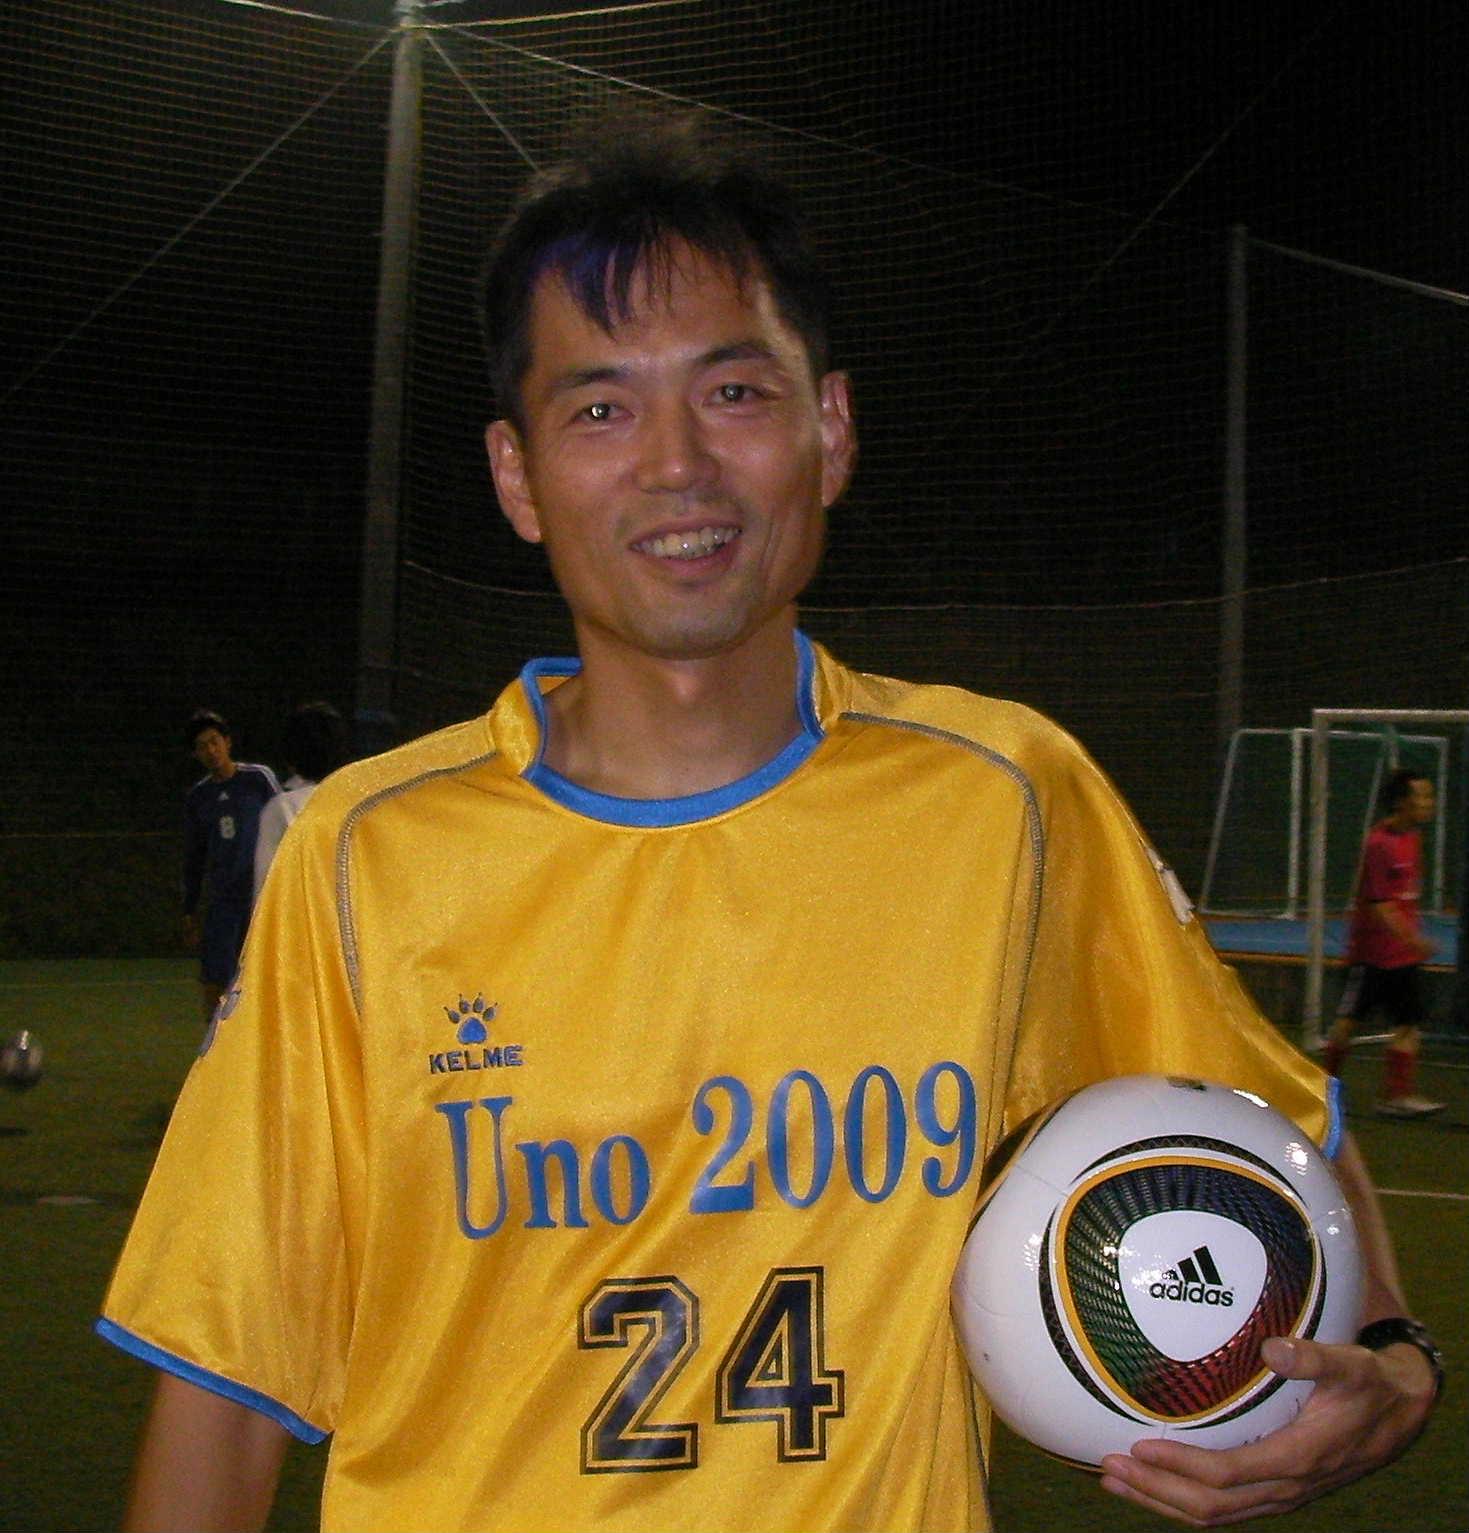 W杯公式球(JABULANI) 蹴ってきました!_a0059812_22322430.jpg